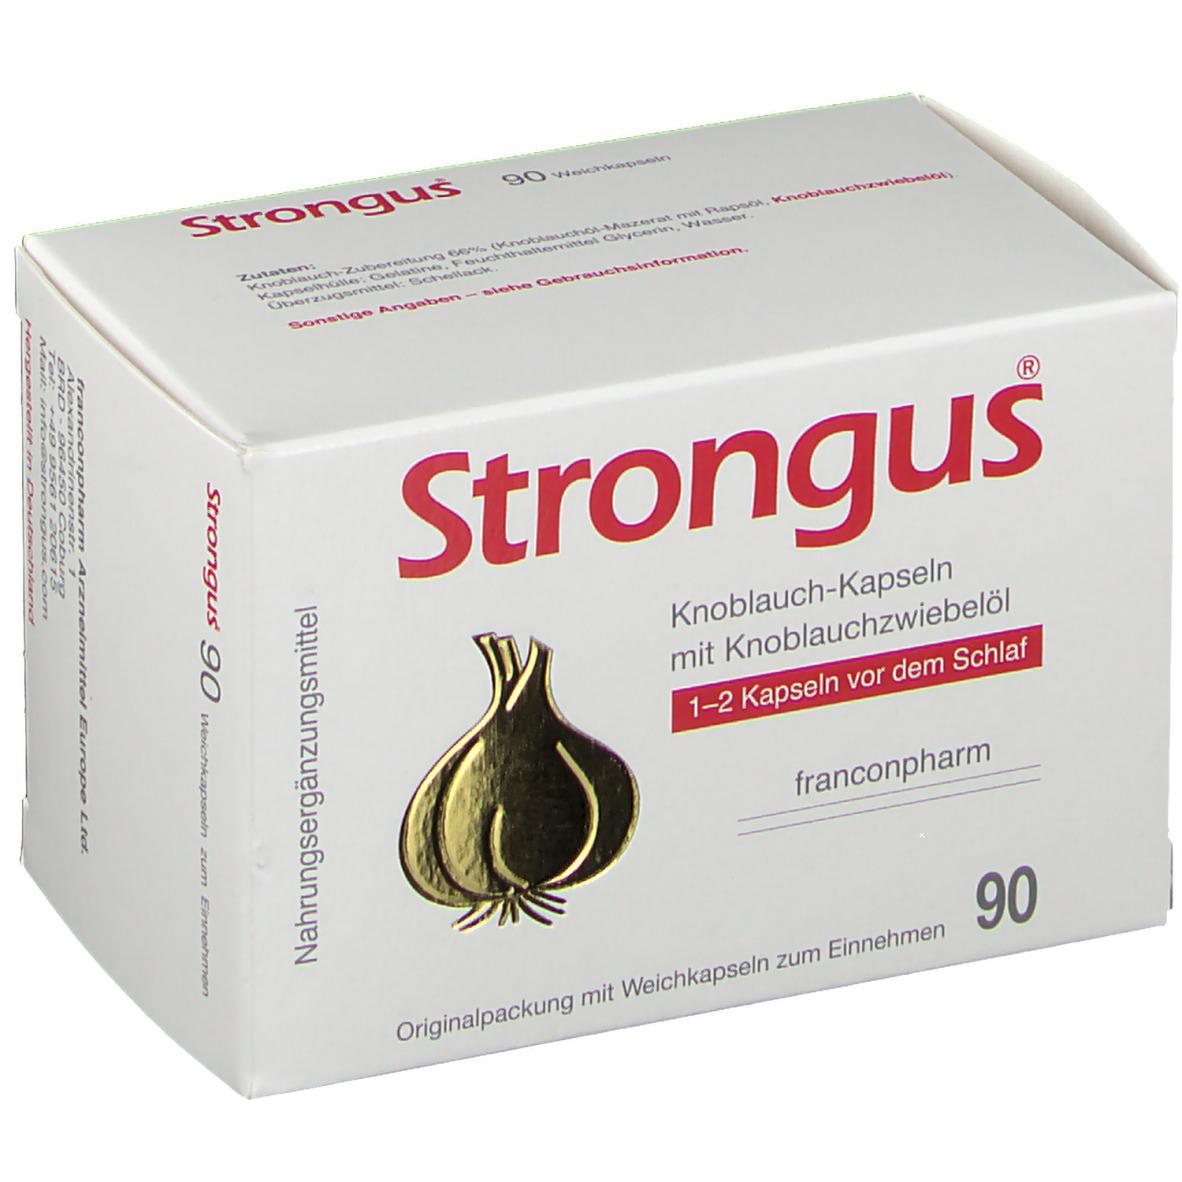 Strongus® Knoblauch-Kapseln 90 St Kapseln 03739668